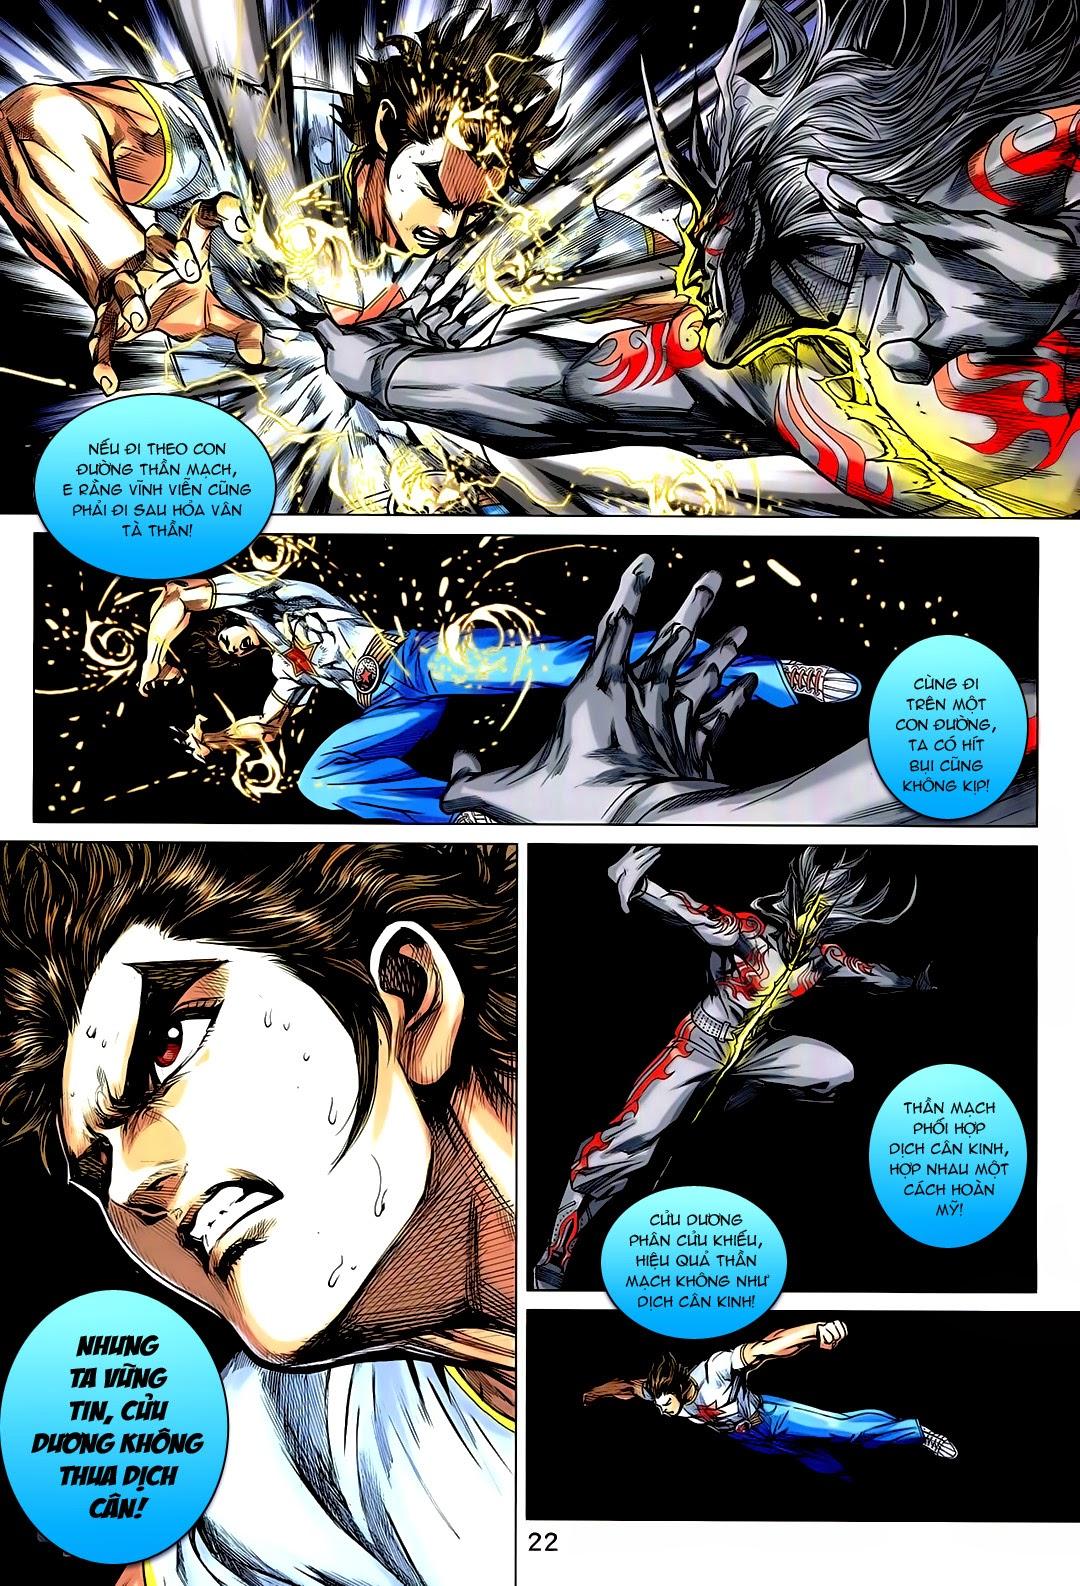 Tân Tác Long Hổ Môn trang 22